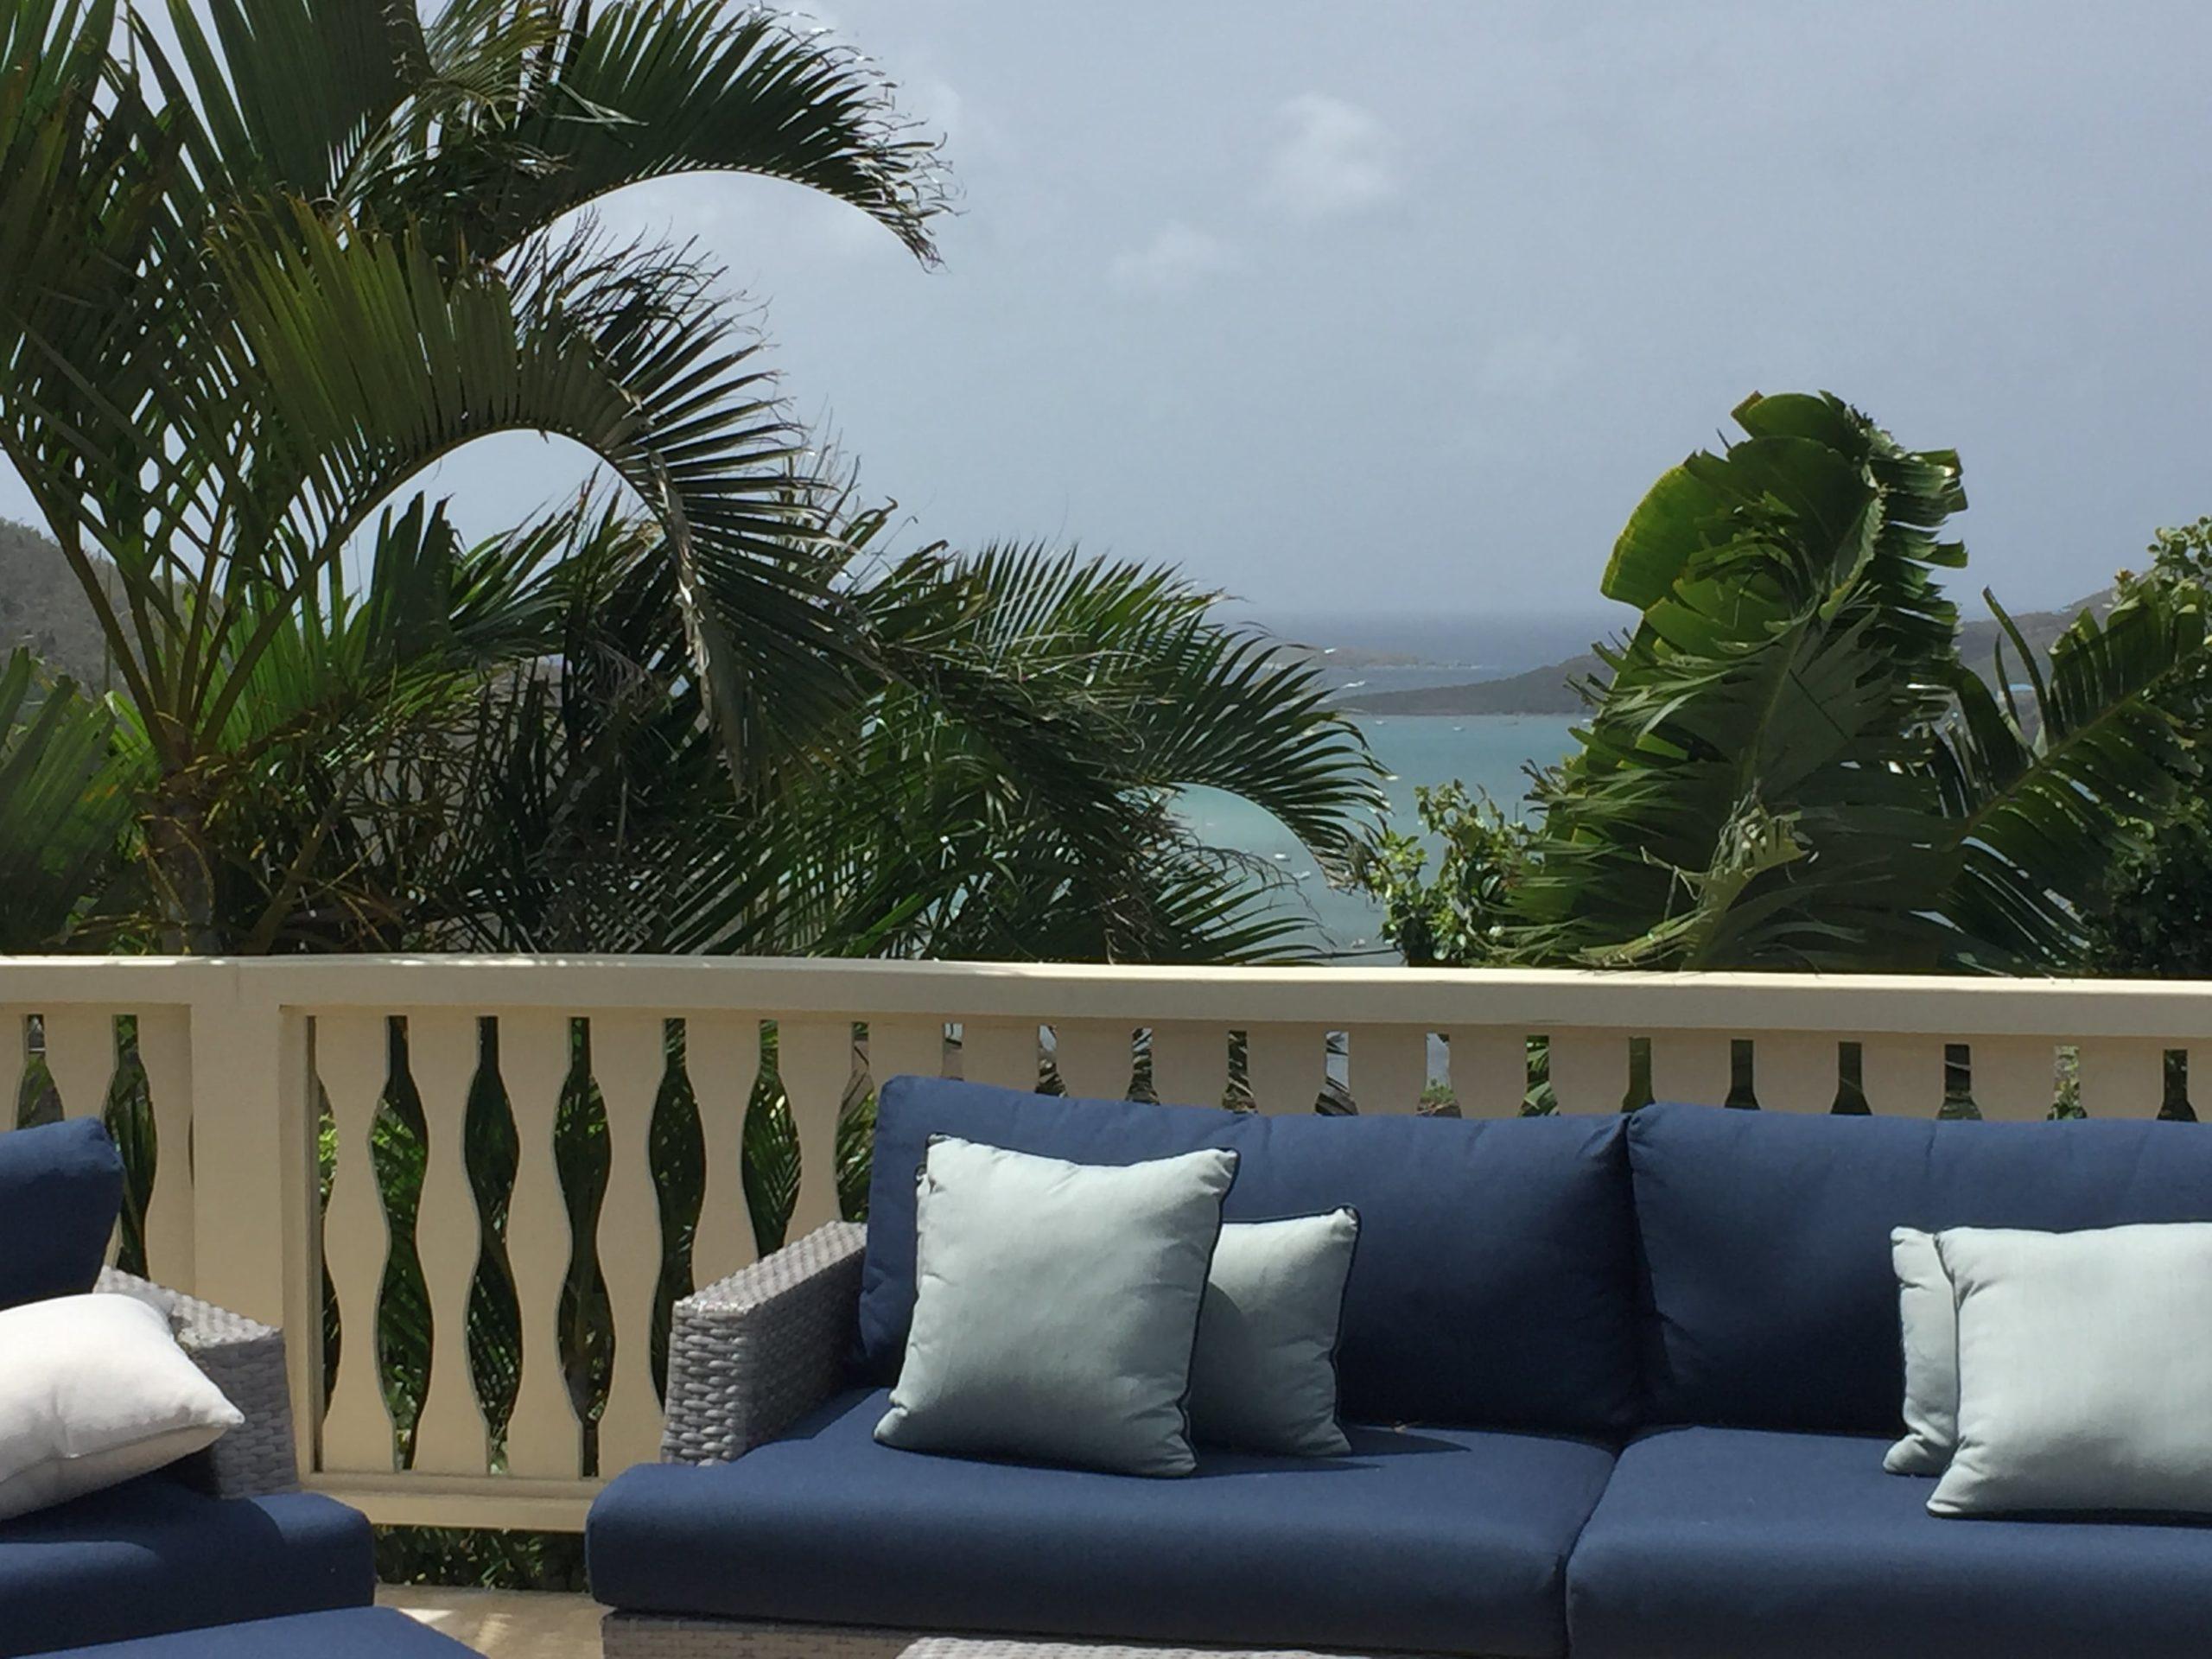 Vacation Rentals St John US Virgin Islands, Villas For Rent In St John Virgin Islands, Vacation Rentals By Owner St John USVI